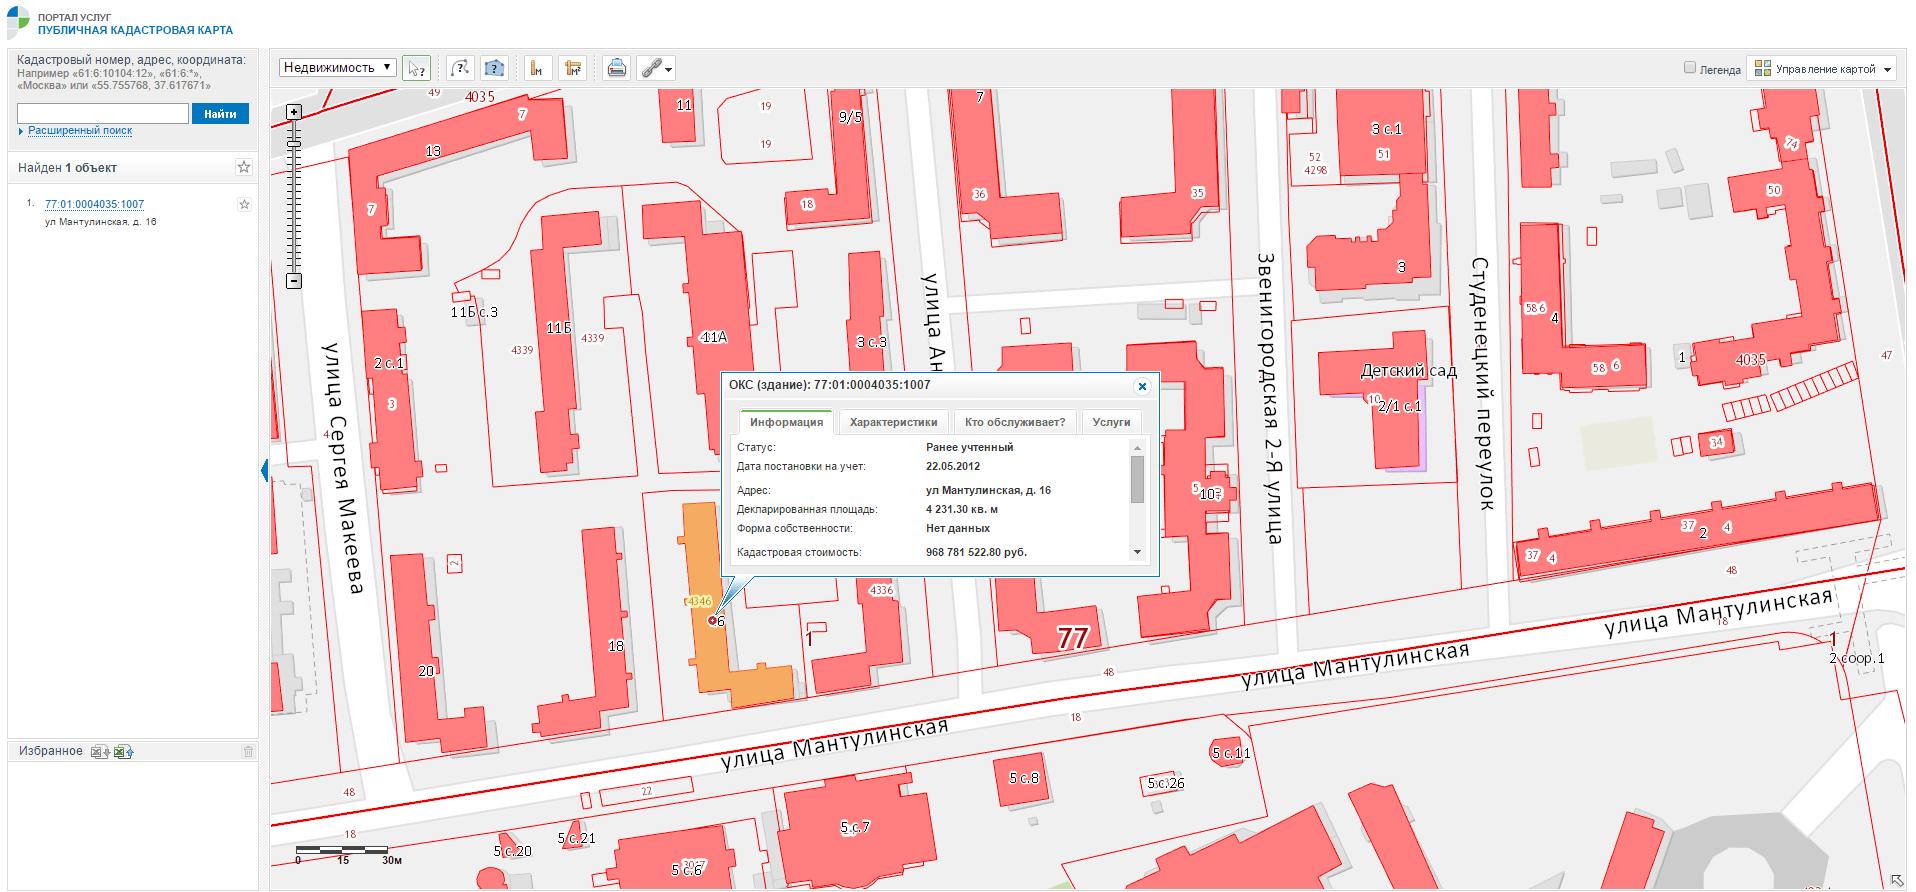 Можно узнать кадастровую стоимость онлайн через Публичную кадастровую карту Росреестра. Но официальные данные можно получить только в выписке ЕГРН.